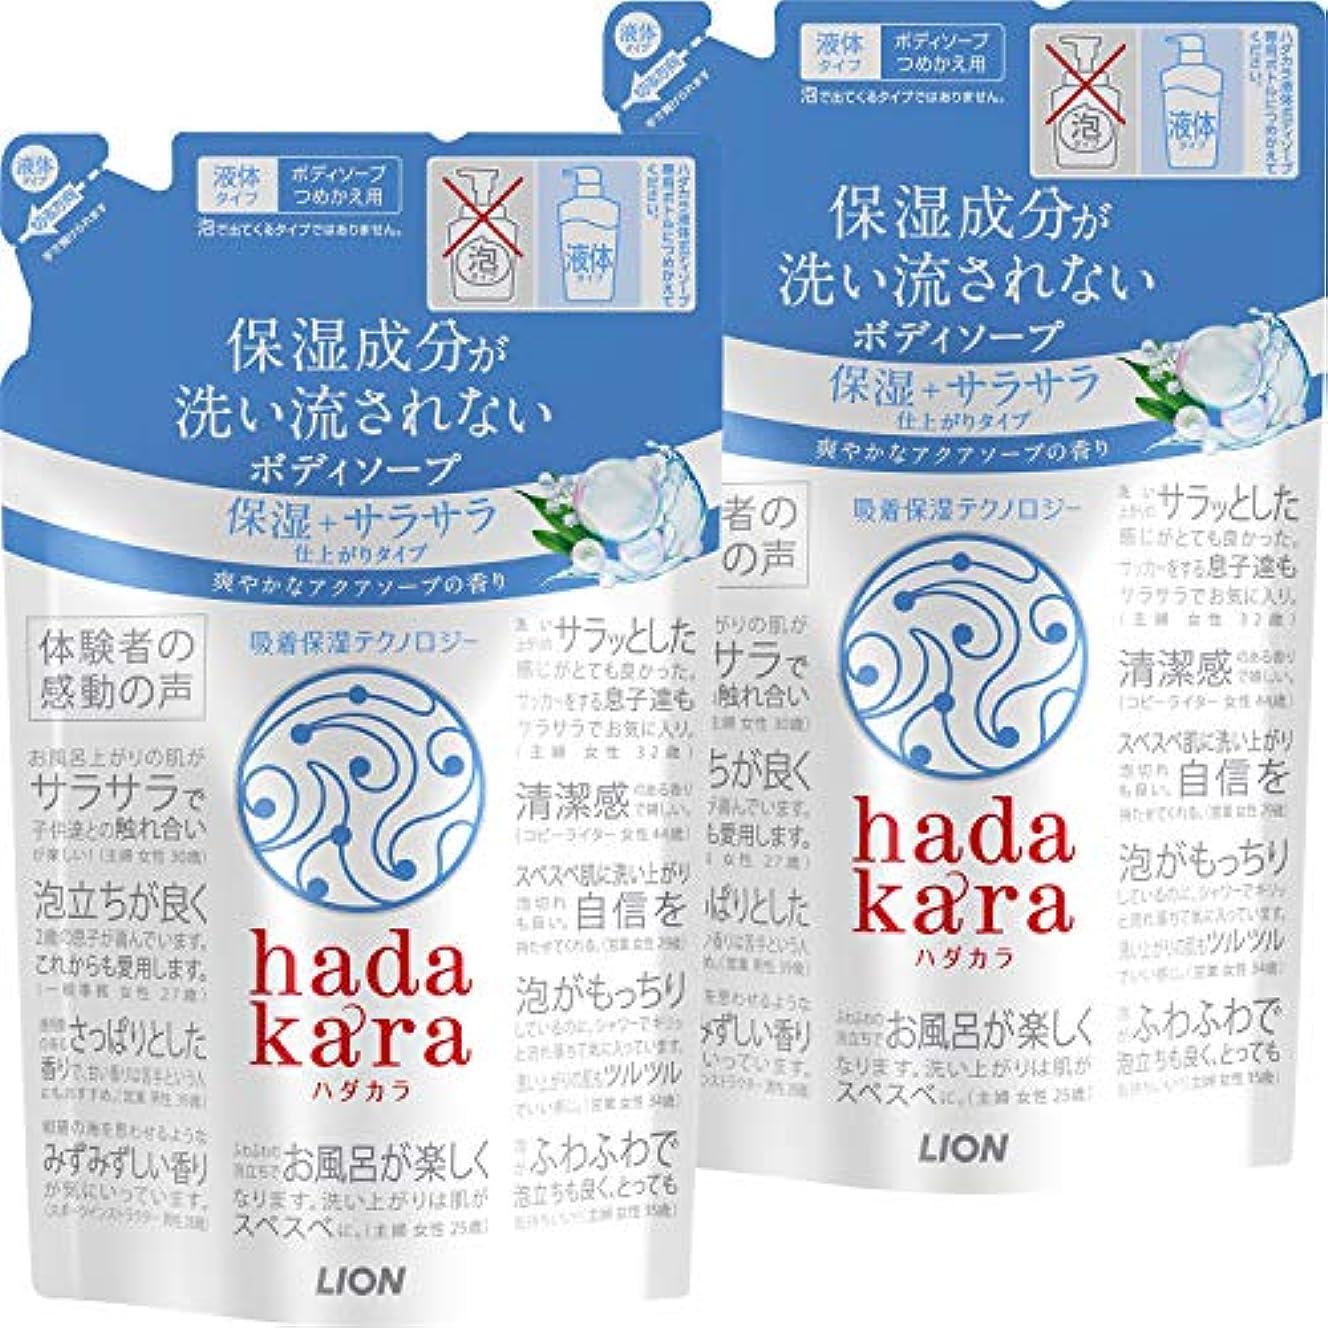 フィドルスタジアム地上で【まとめ買い】hadakara(ハダカラ) ボディソープ 保湿+サラサラ仕上がりタイプ アクアソープの香り 詰め替え 340ml×2個パック